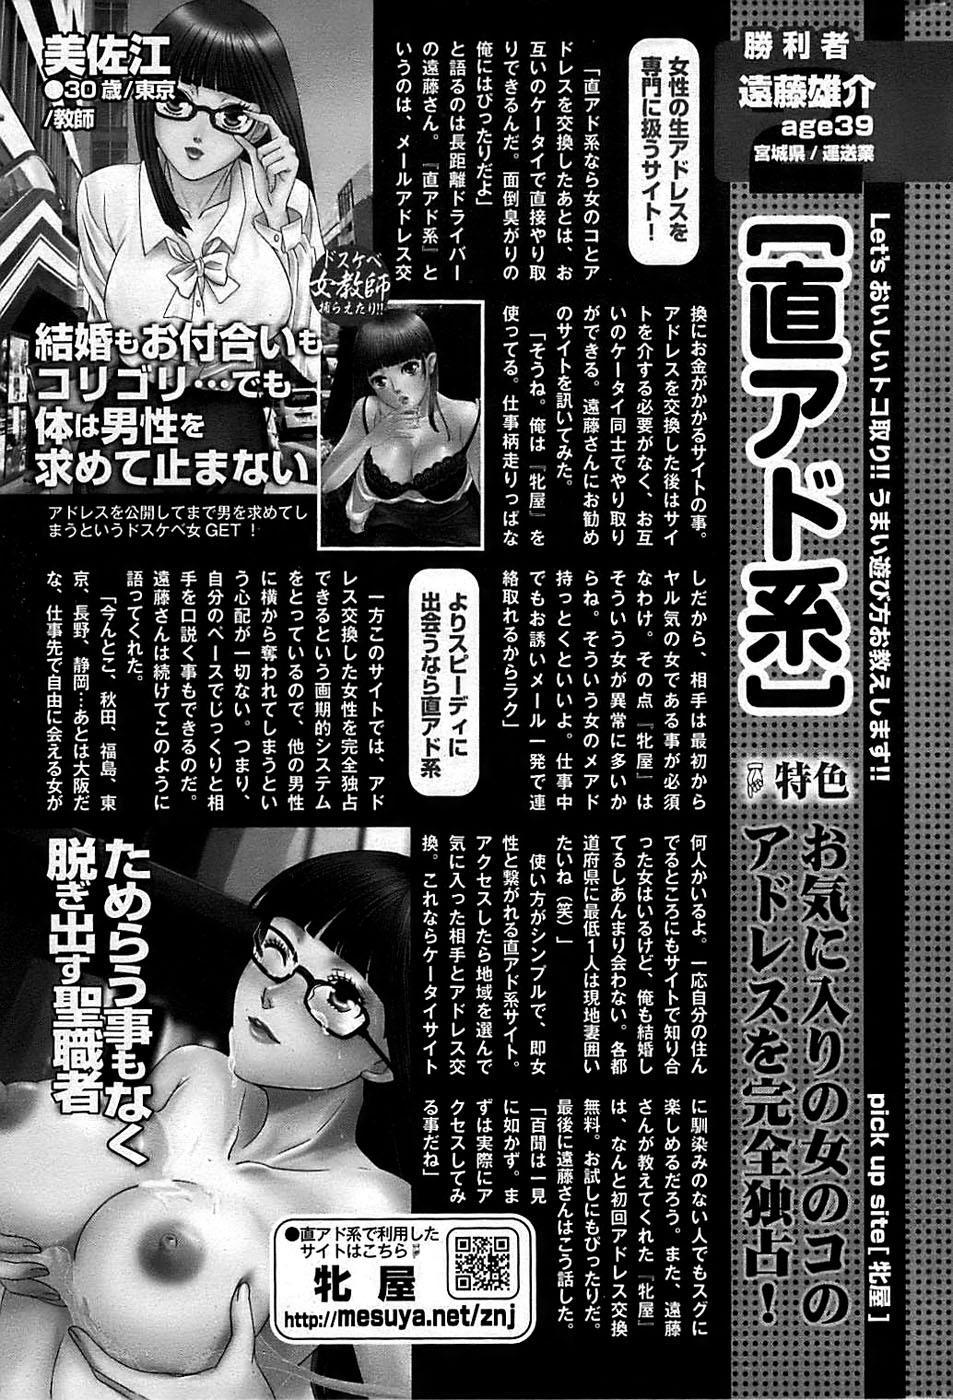 COMIC Shitsurakuten 2009-02 280